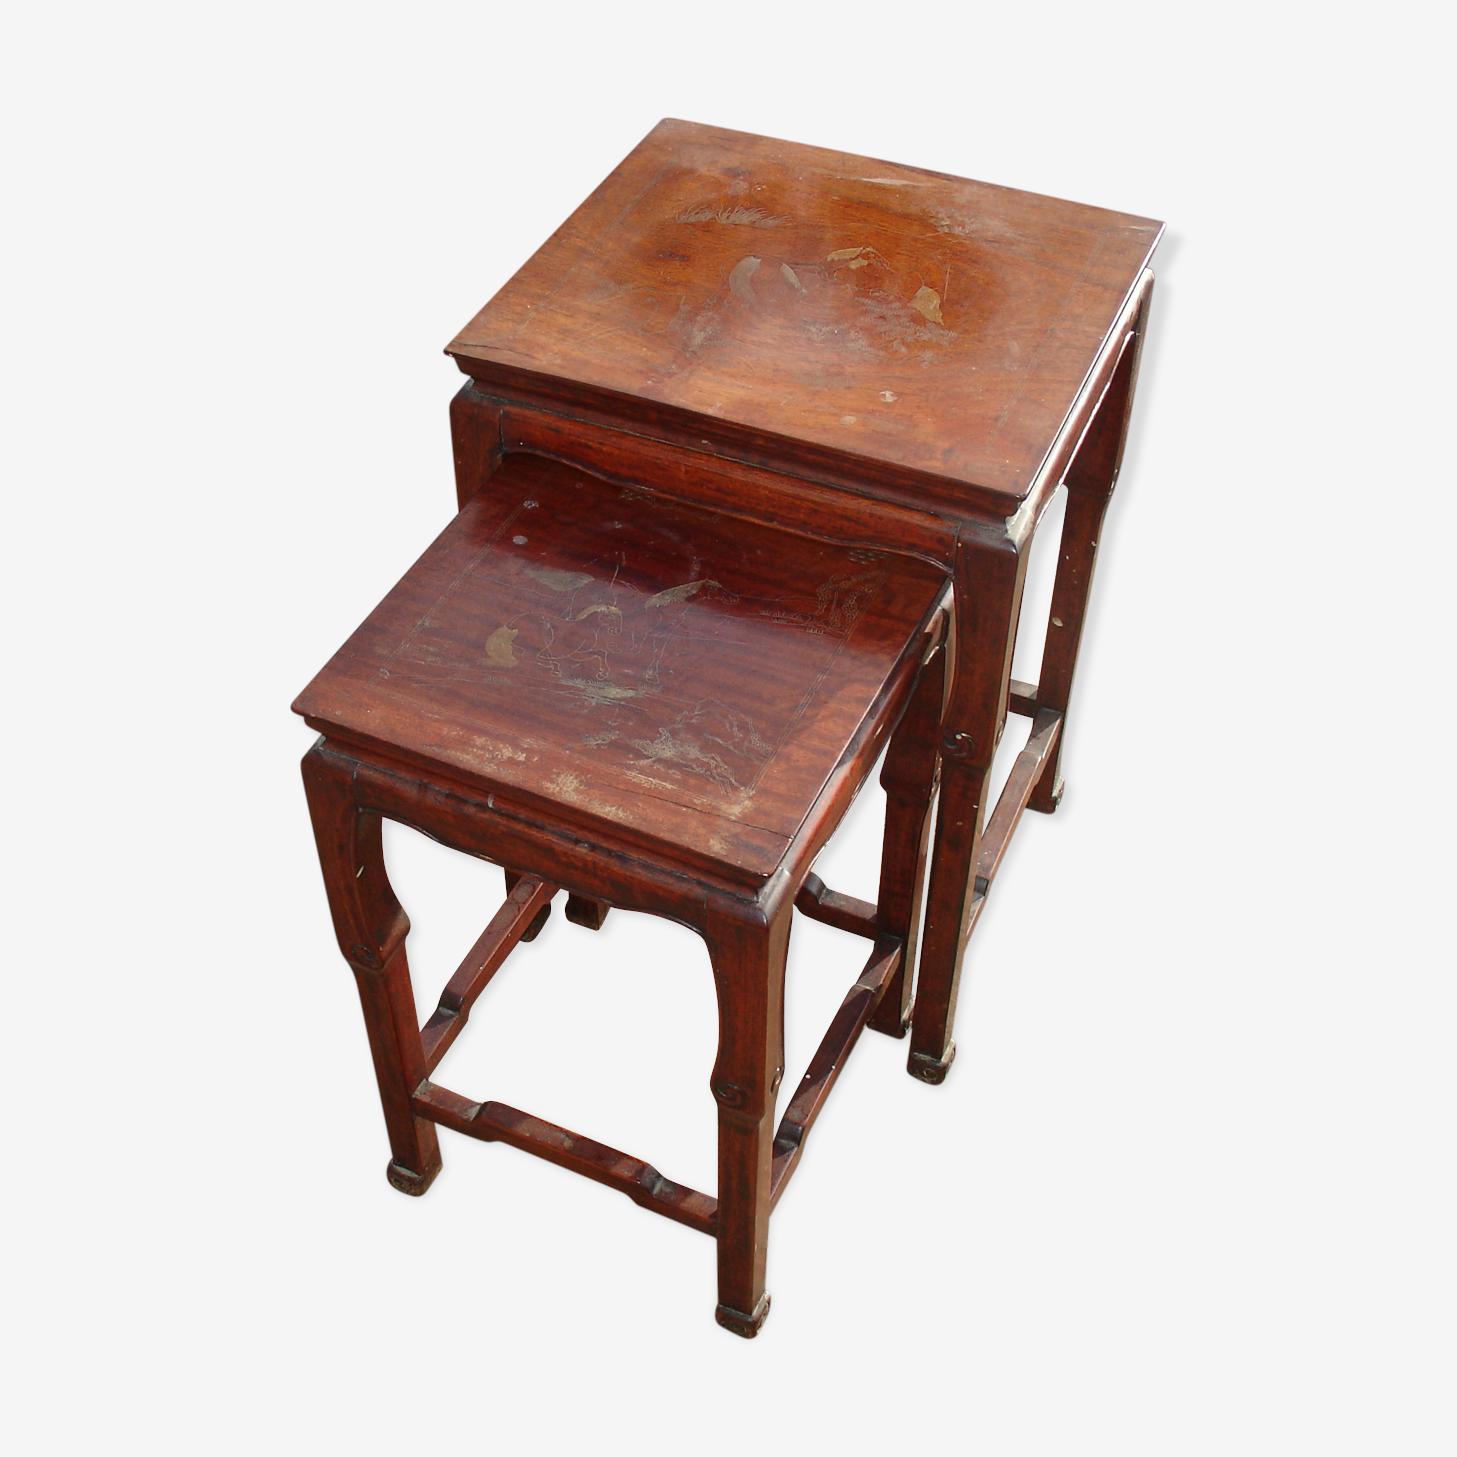 Tables gigognes en bois de fer décors gravé et réhaussé à l'or